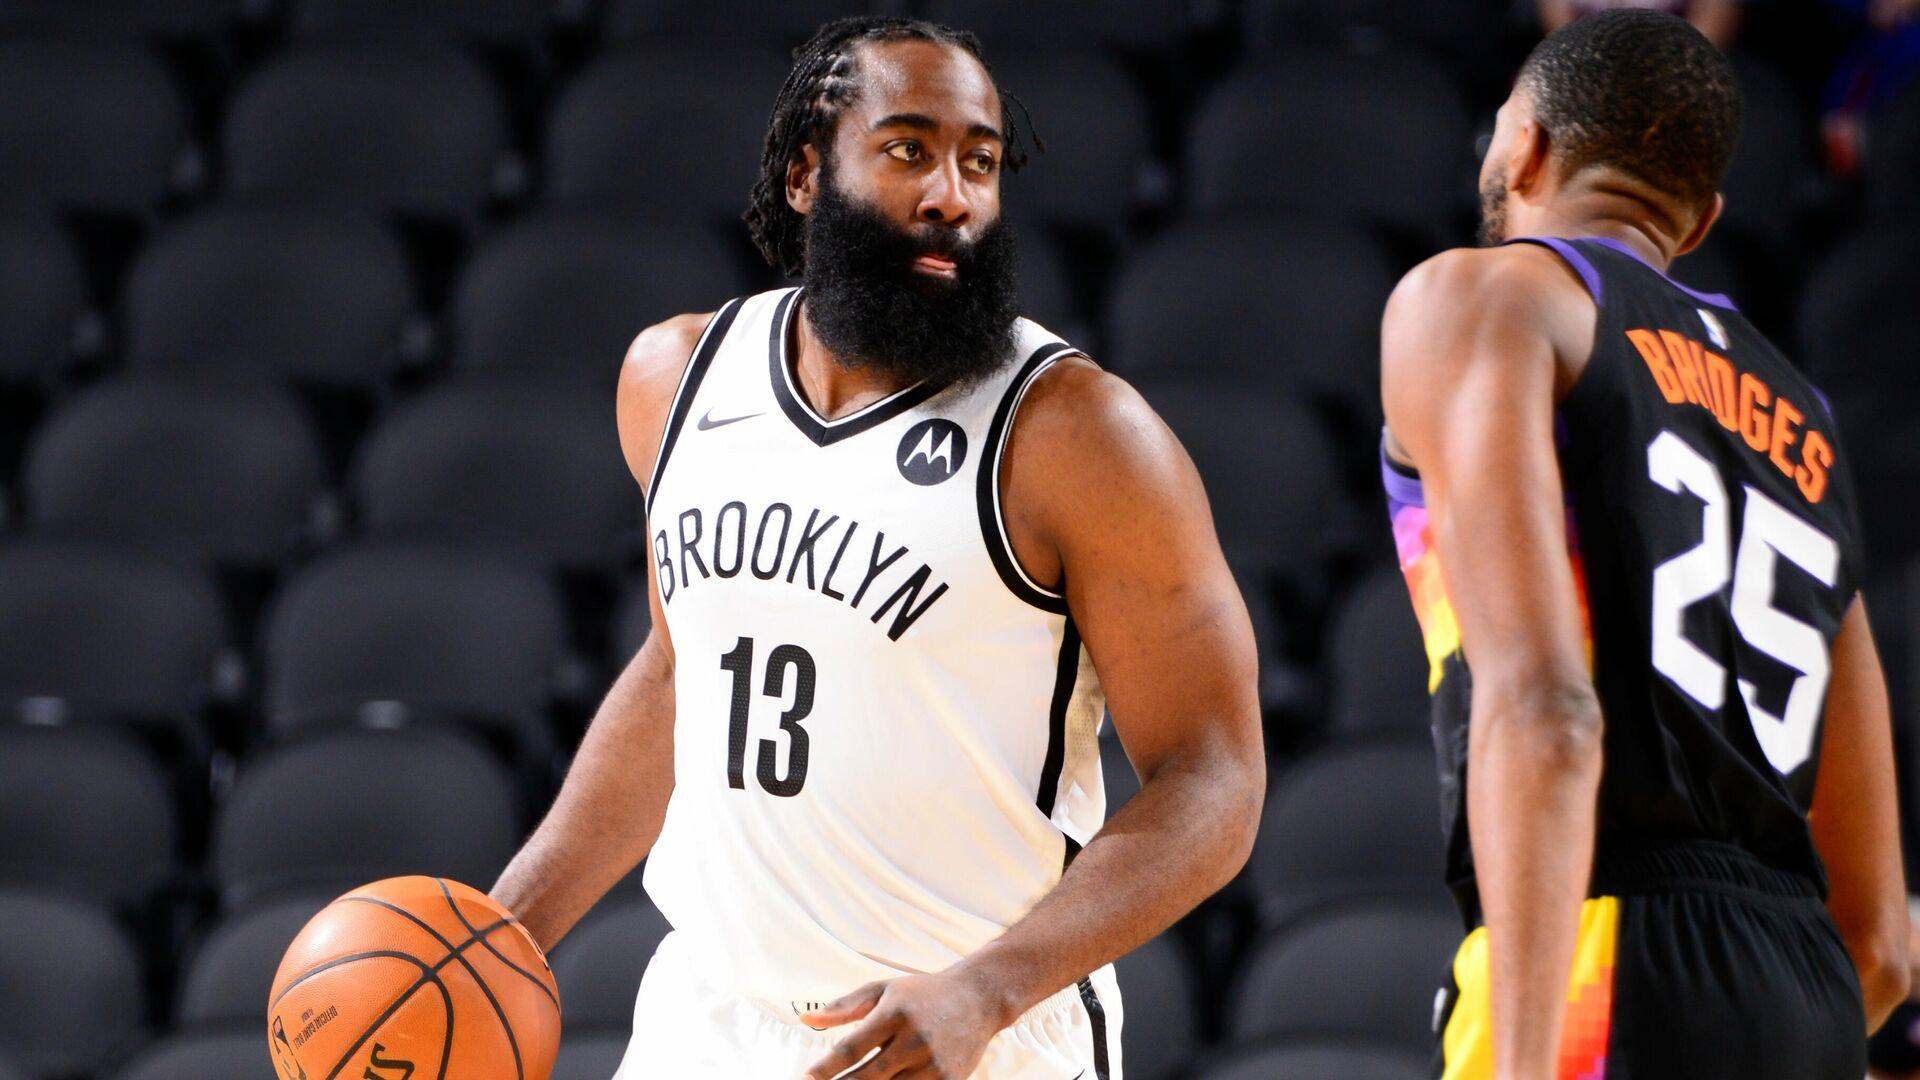 Баскетболист Бруклин Нетс Джеймс Харден - РИА Новости, 1920, 21.04.2021